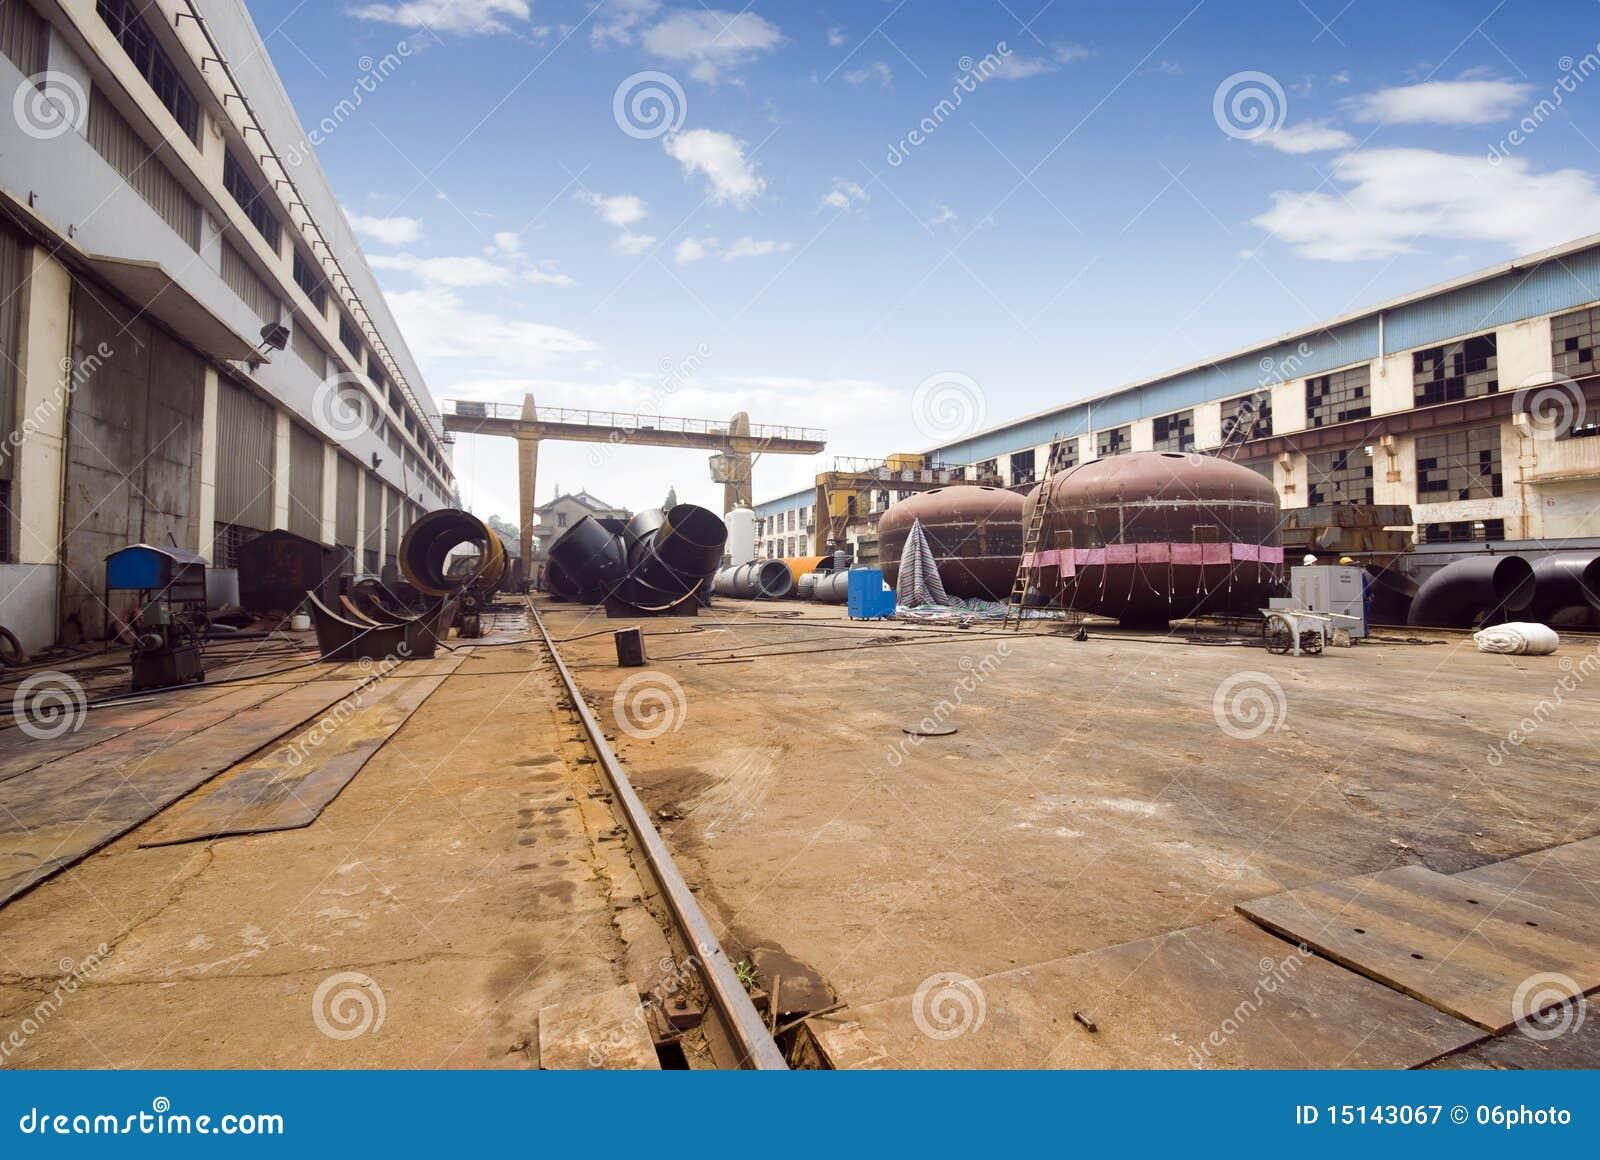 изготавливание машинного оборудования фабрики